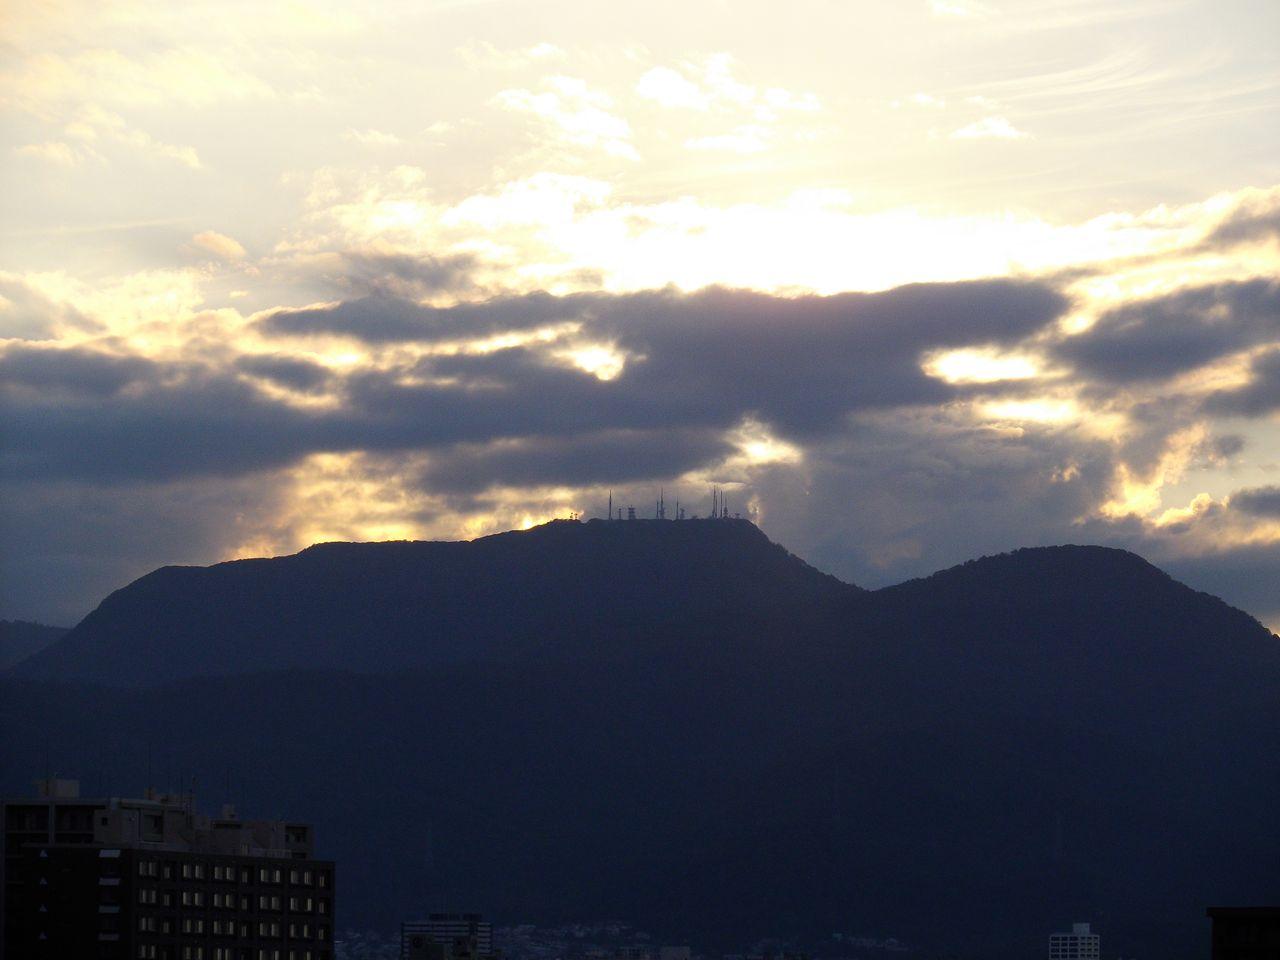 朝夕はめっきり涼しくなりました_c0025115_18194553.jpg